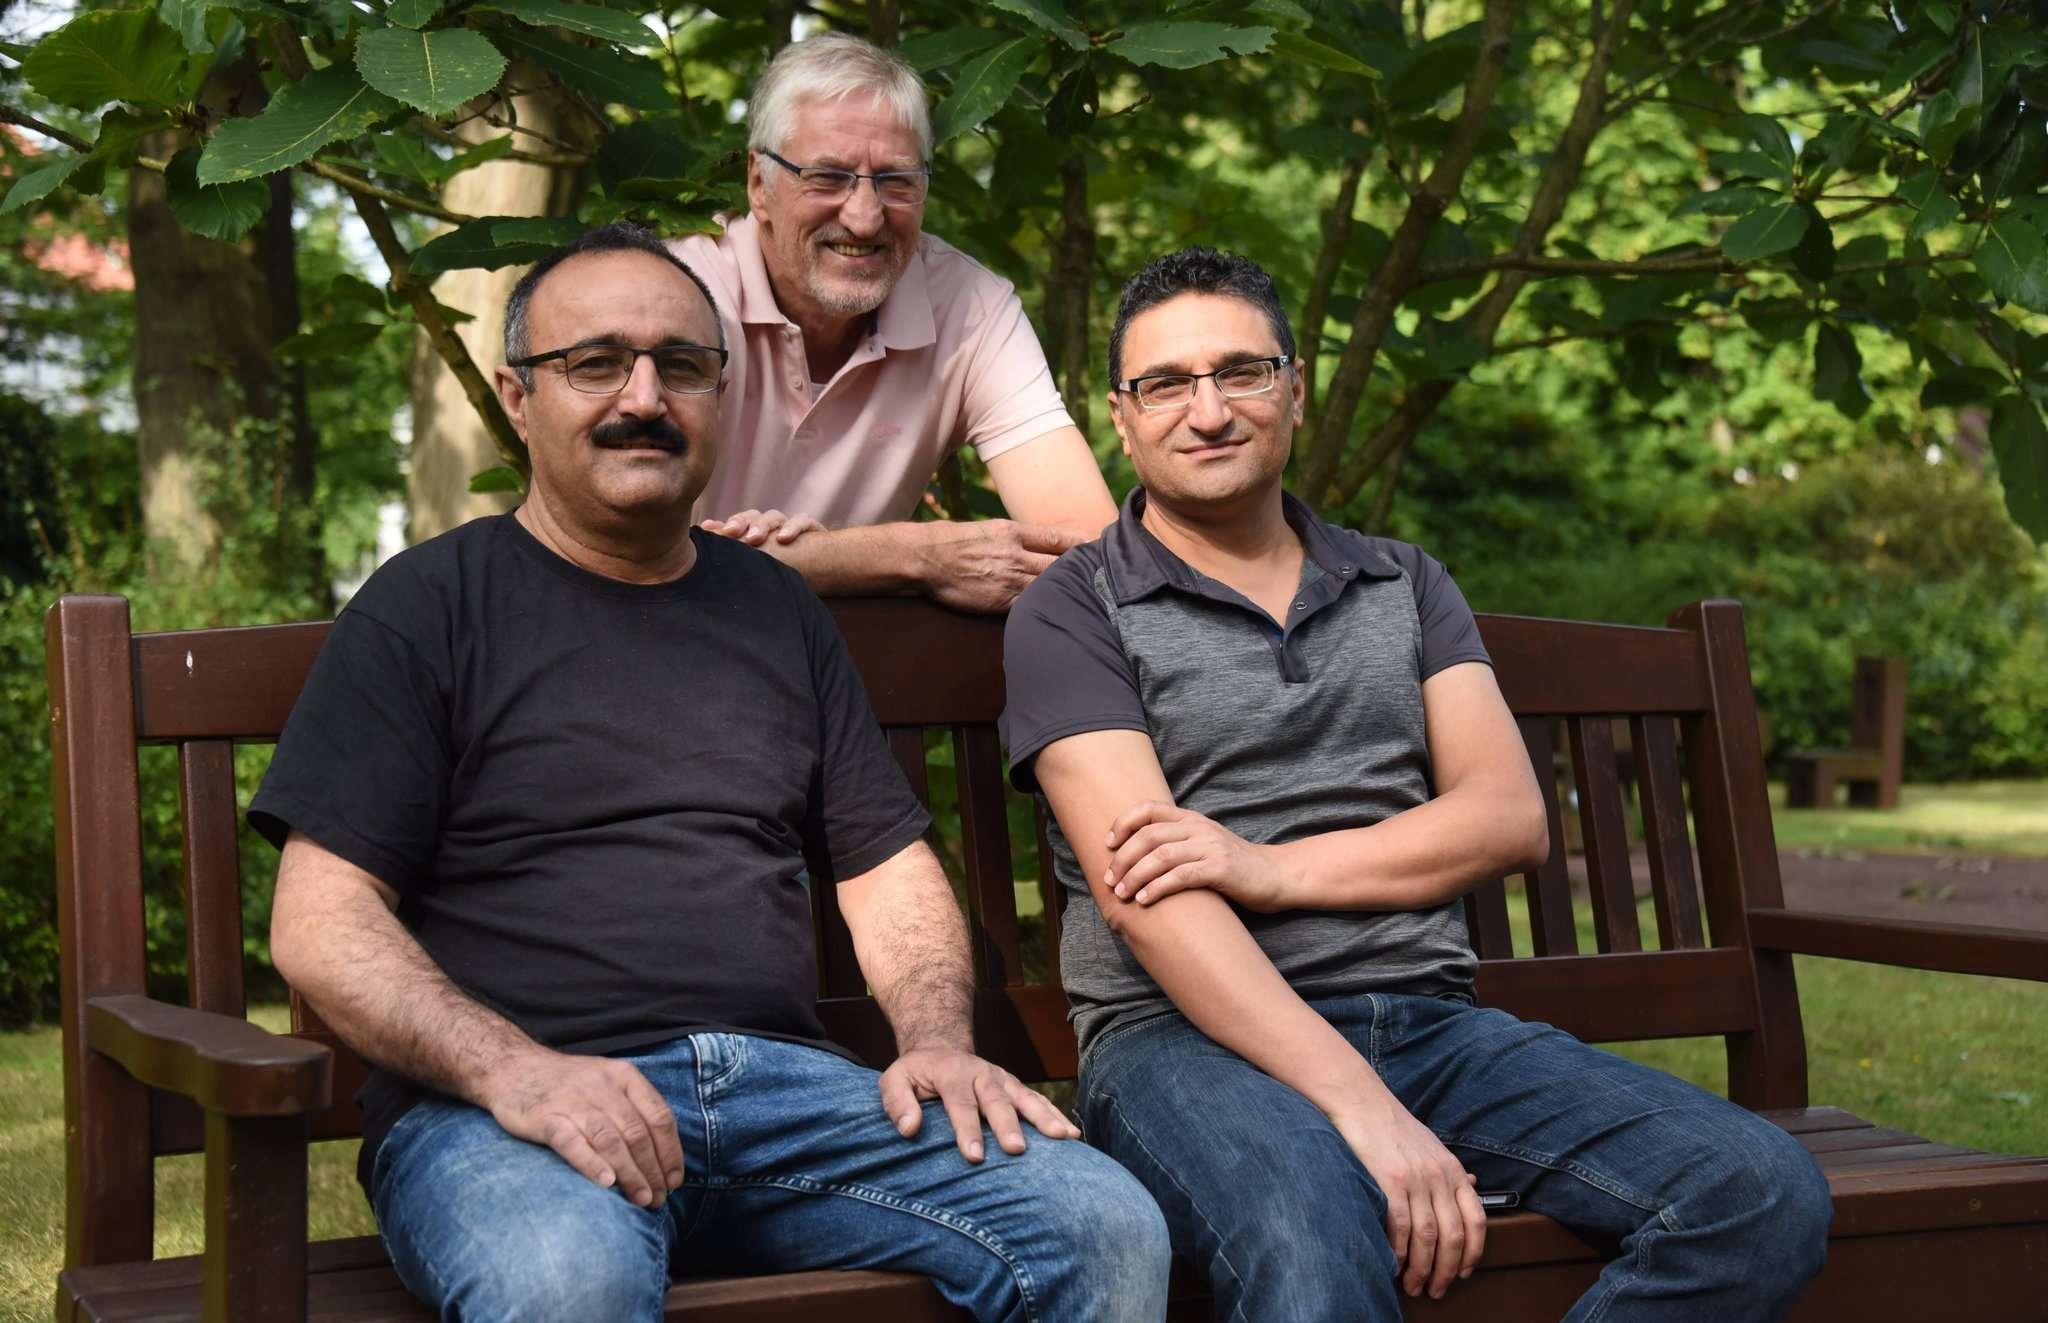 Künstlerfreunde: Hussein Khalaf (von links), Erich Milkereit und Sharif Ahmad Alkhatib kommen aus unterschiedlichen Ländern u2013 verbunden sind sie über die Malerei.